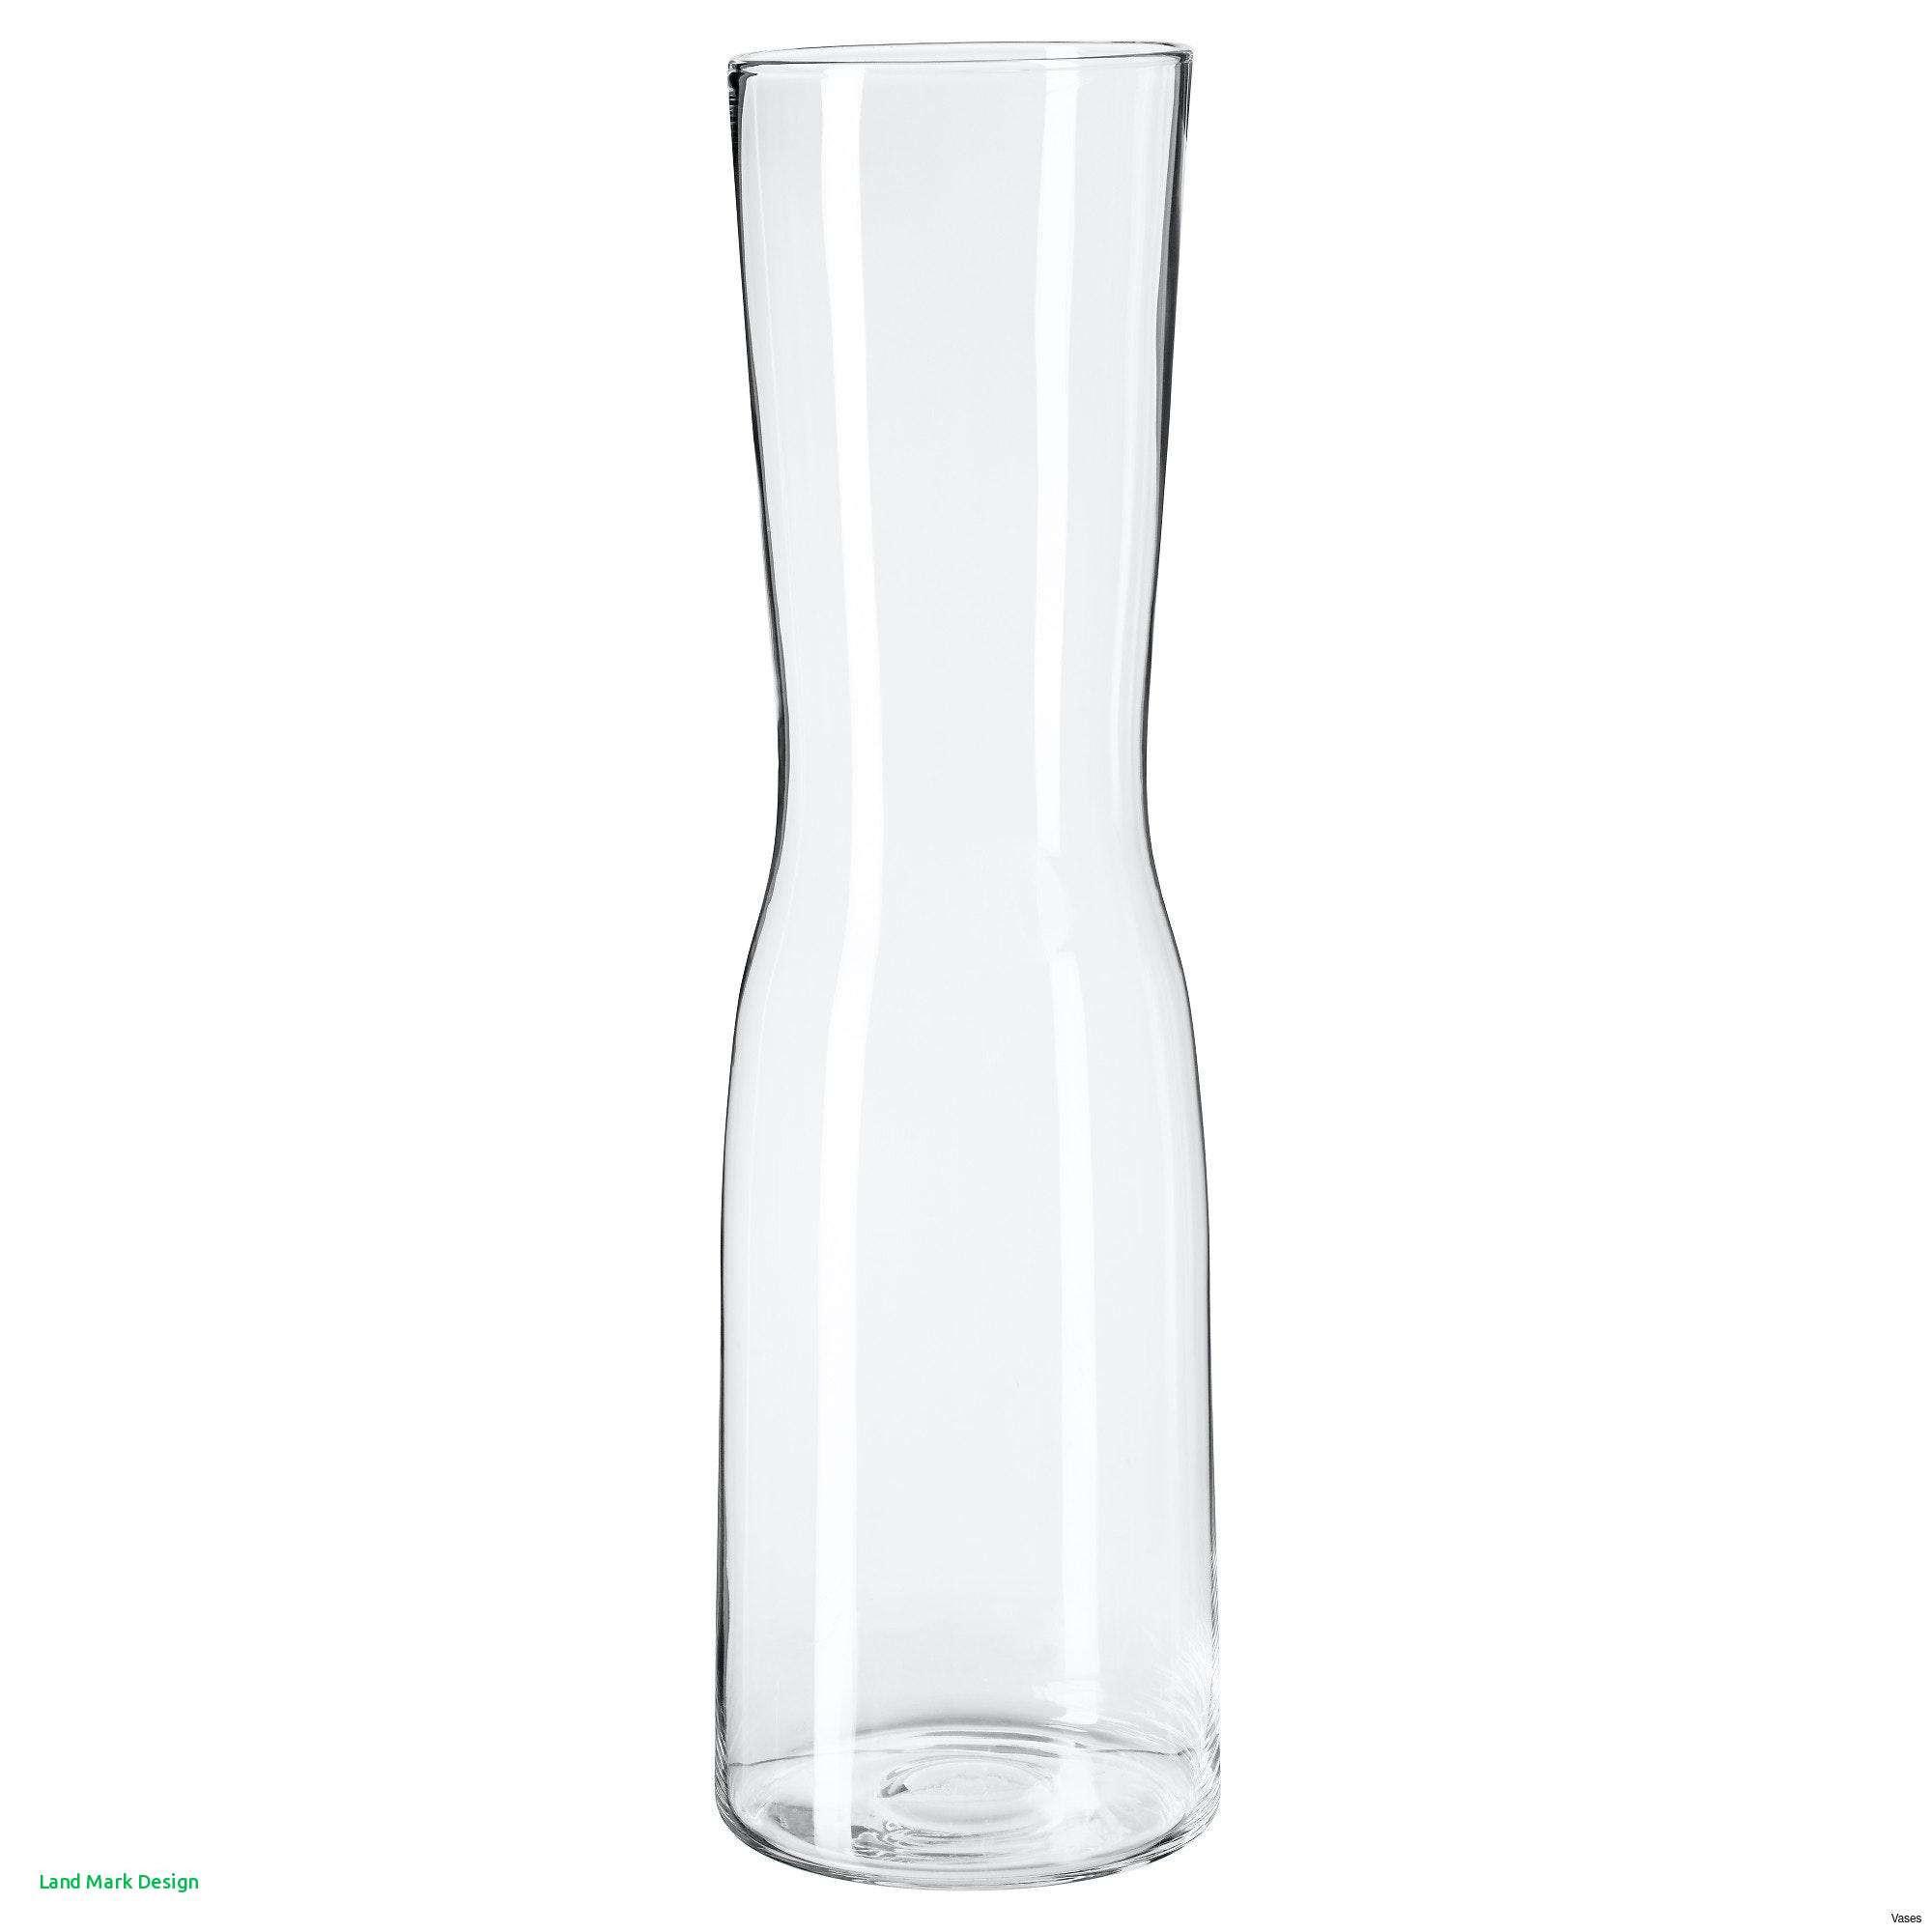 ikea glass bowl vase of large white vases photos living room glass vases fresh clear vase 0d pertaining to large white vases images ikea vase of large white vases photos living room glass vases fresh